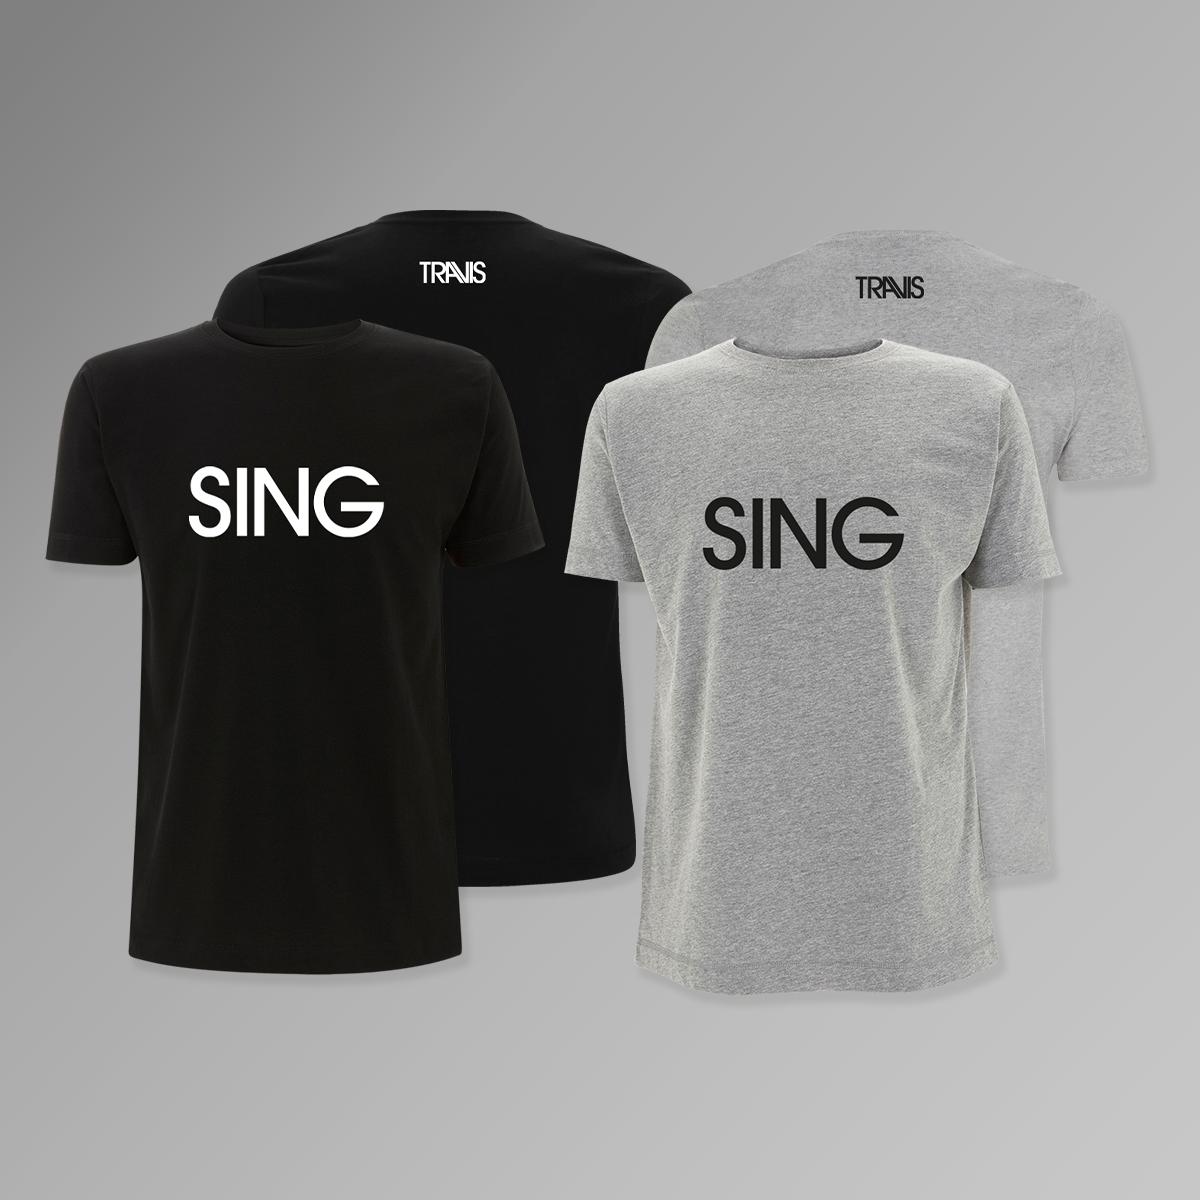 Buy Online Travis - Sing T-Shirt